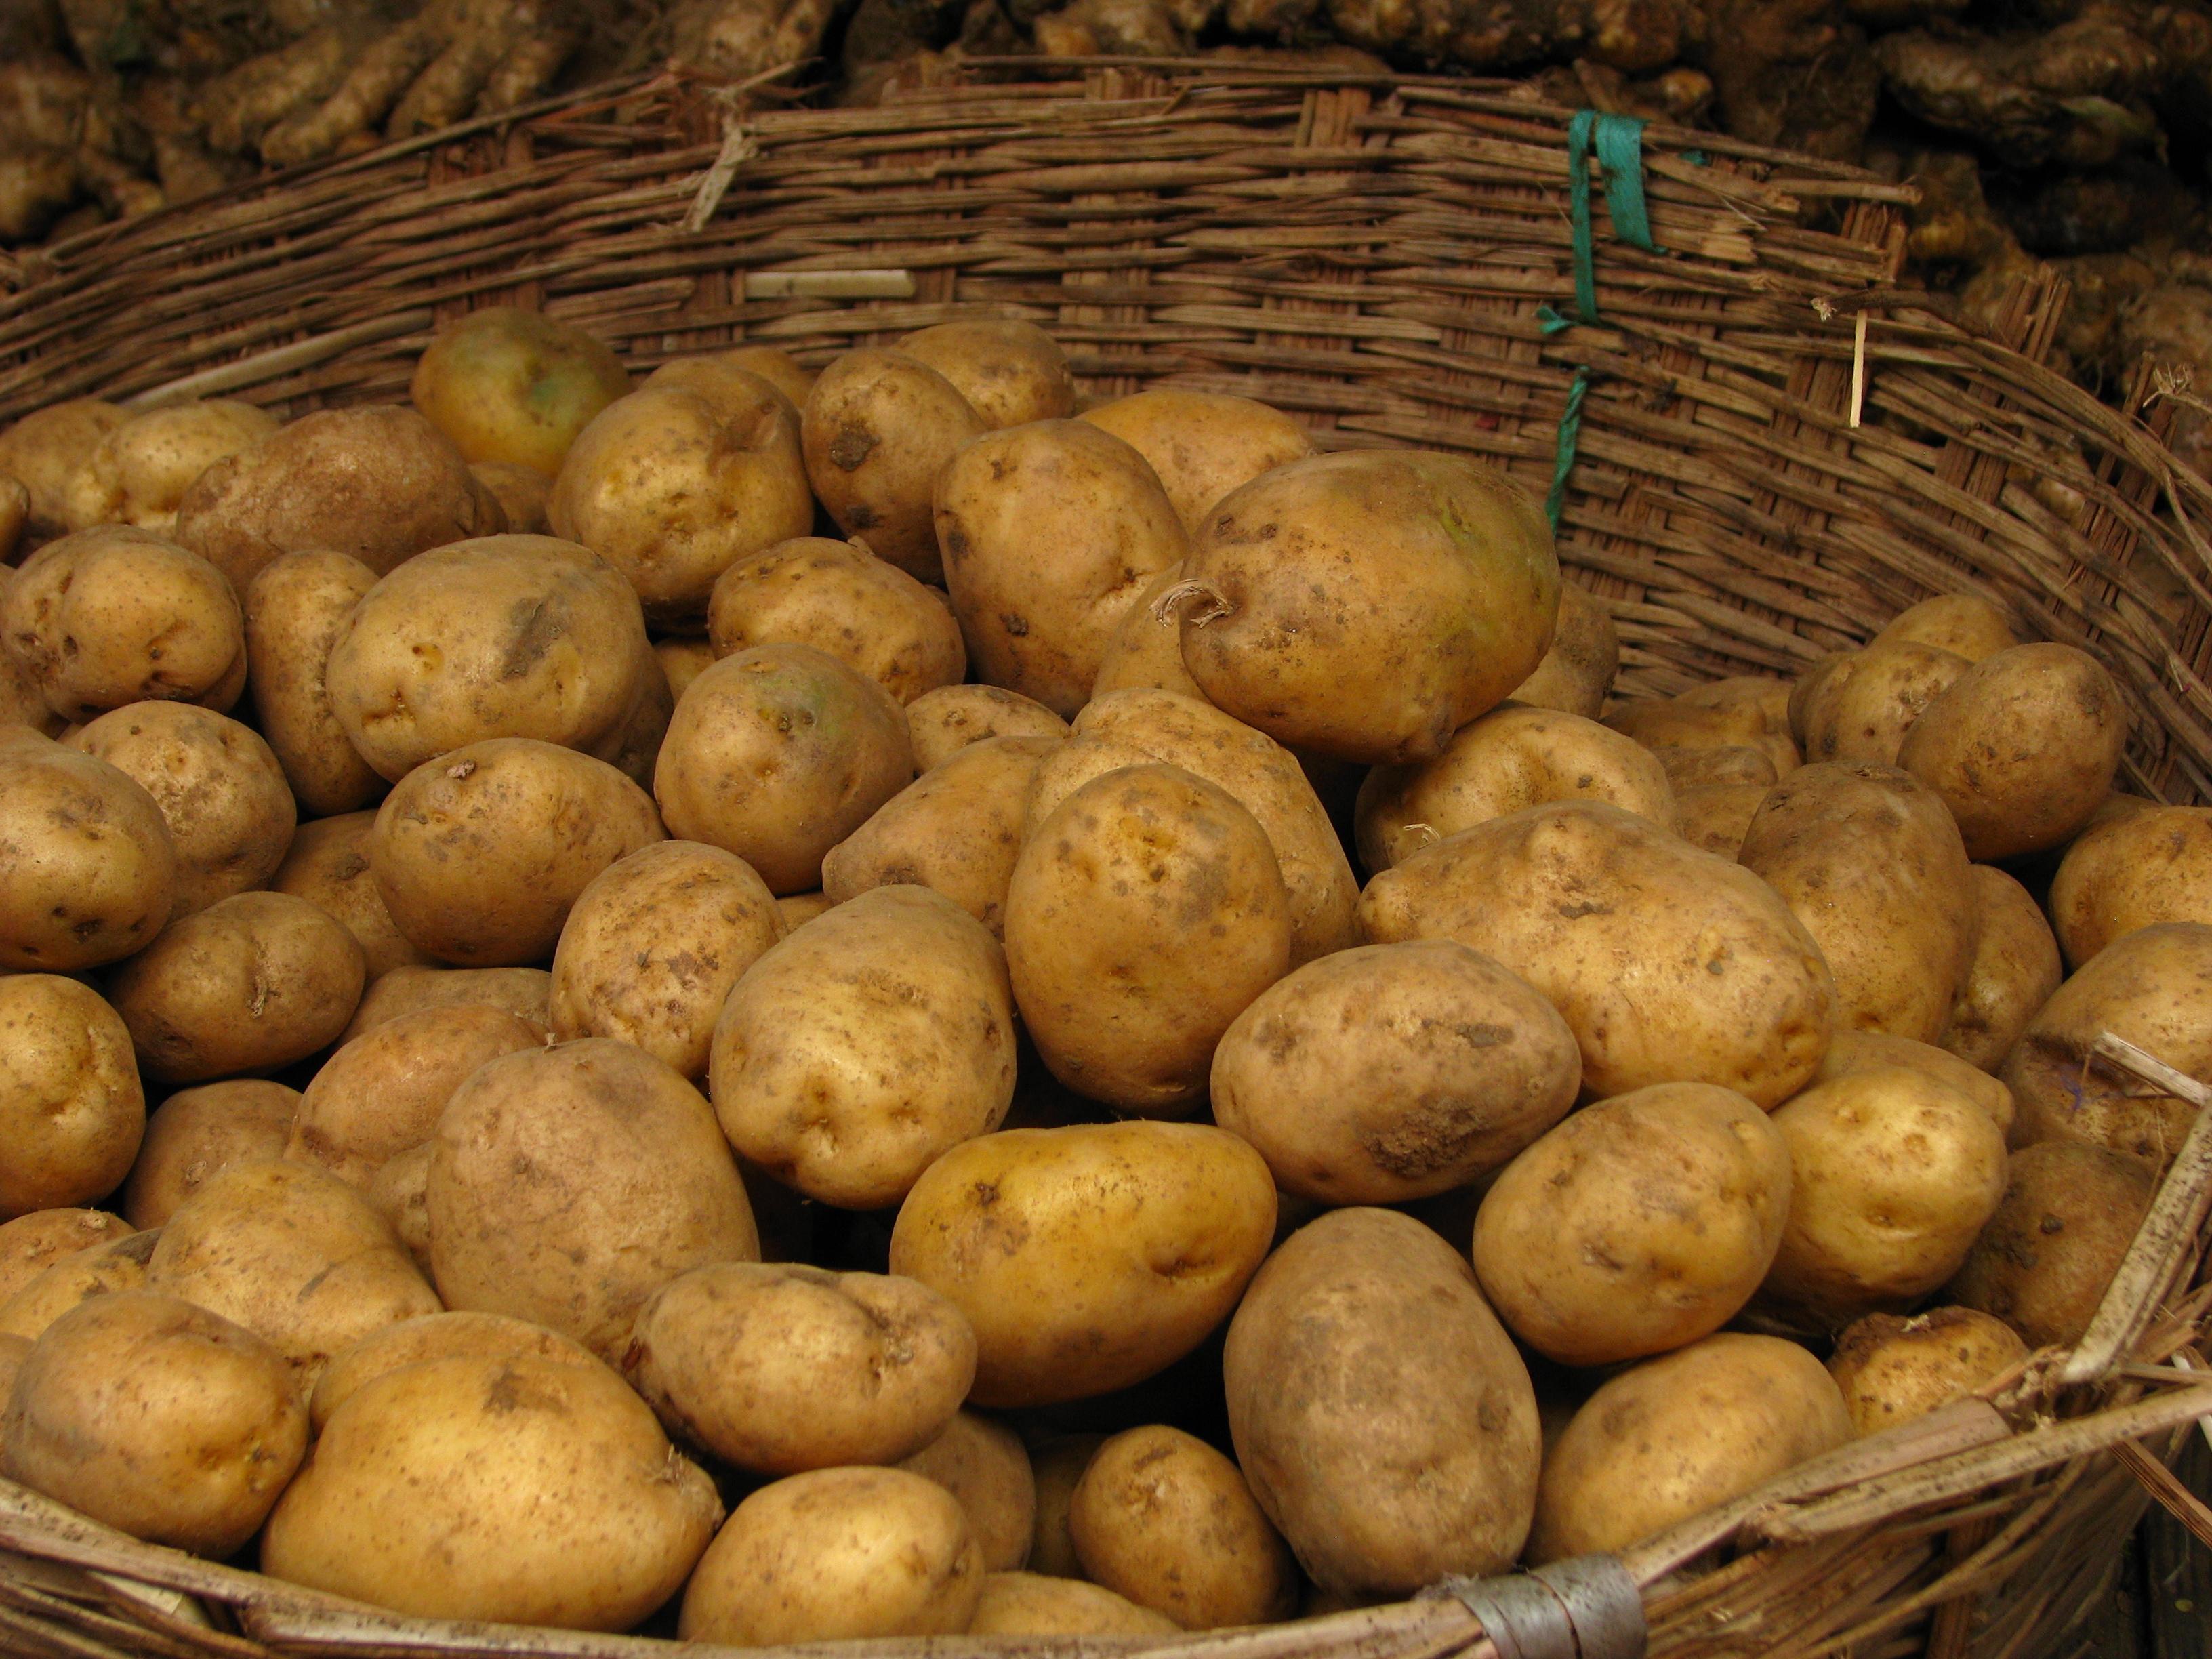 Výsledok vyhľadávania obrázkov pre dopyt potatoes